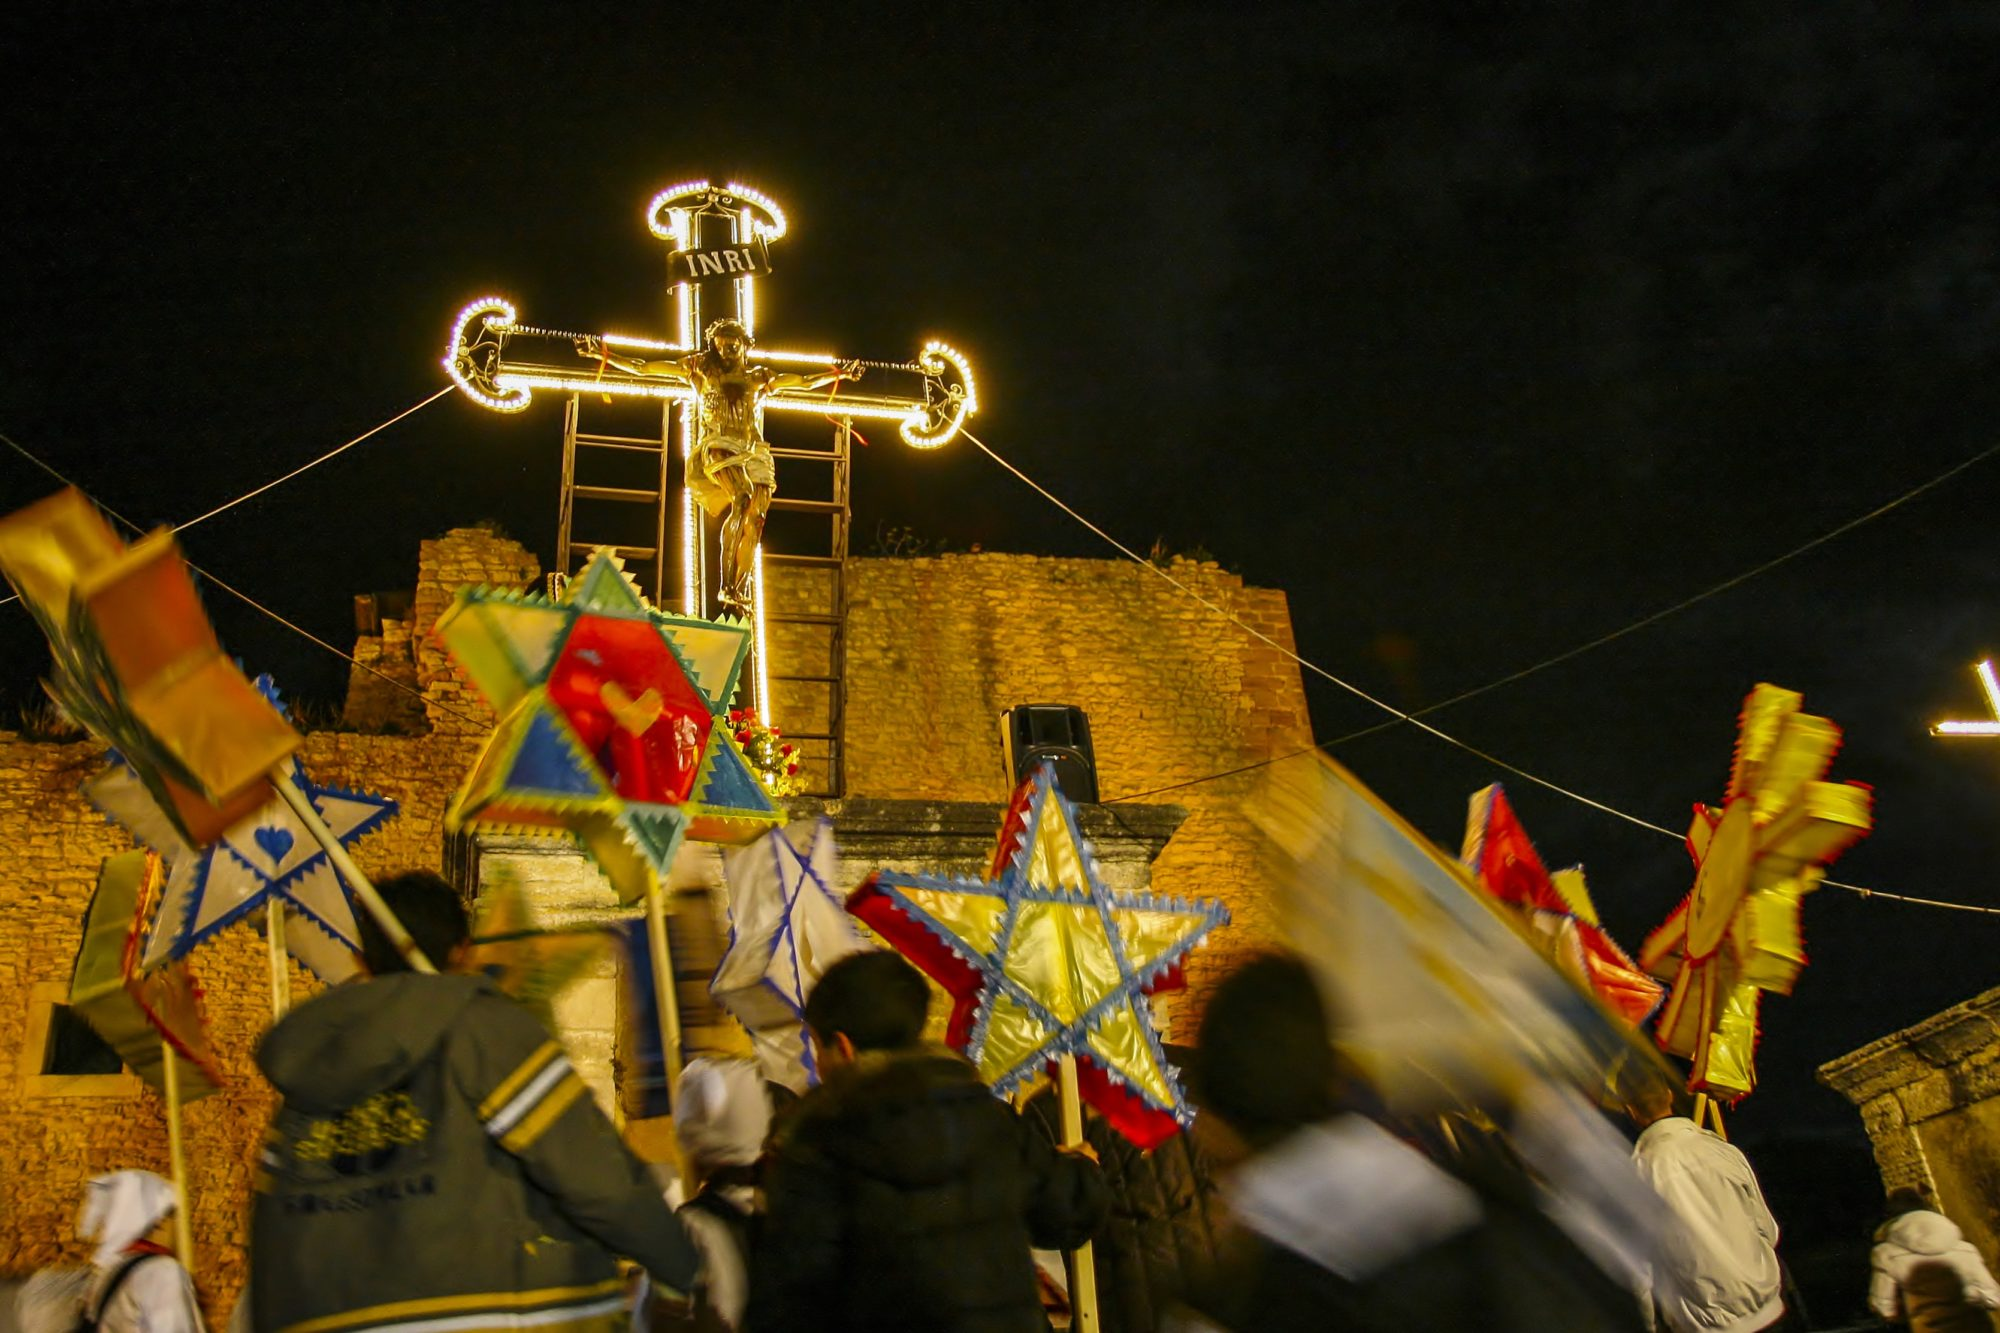 La Settimana Santa in Sicilia - Parte prima - L'Identità di Clio